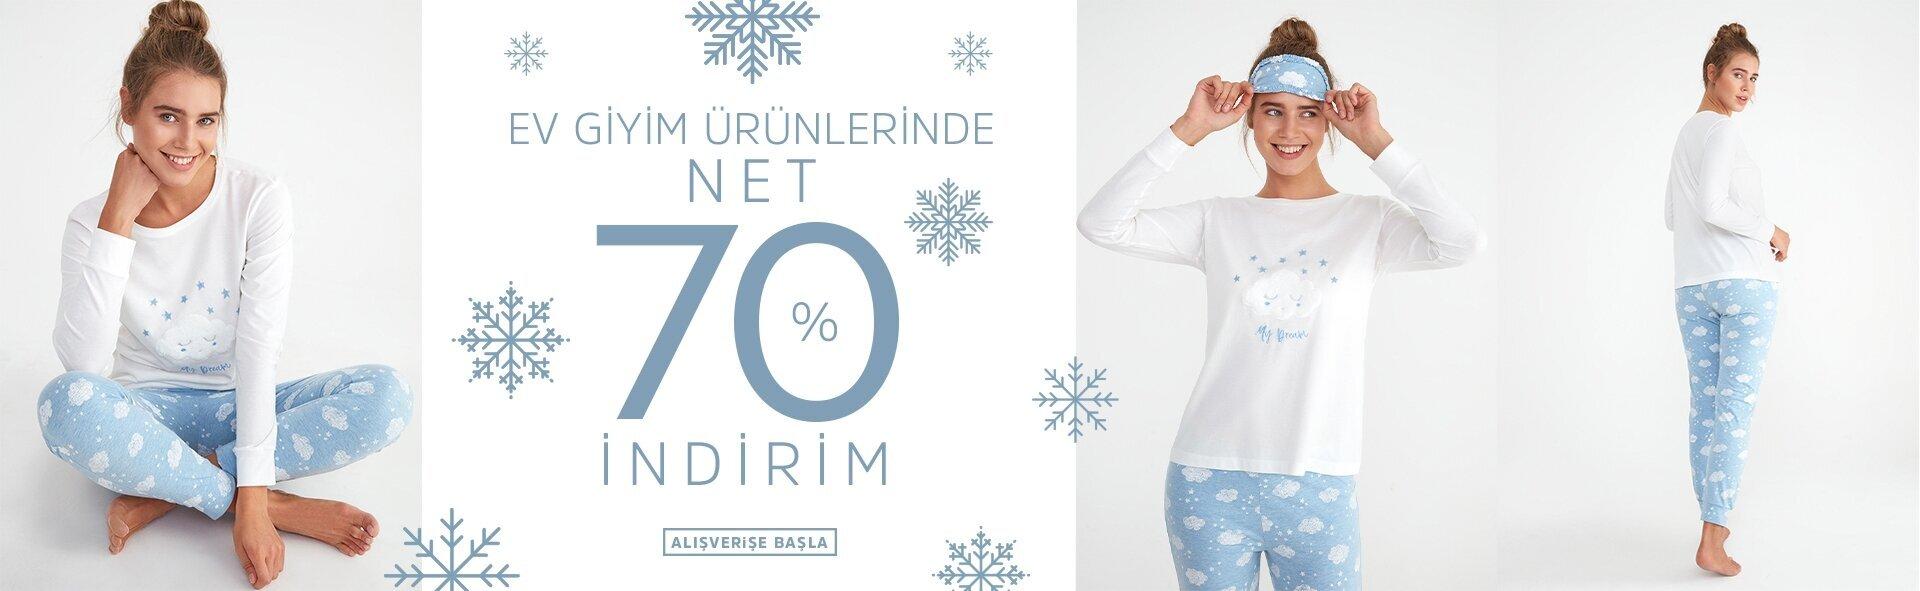 Suwen Ev Giyim Ürünlerinde NET % 70 İndirim